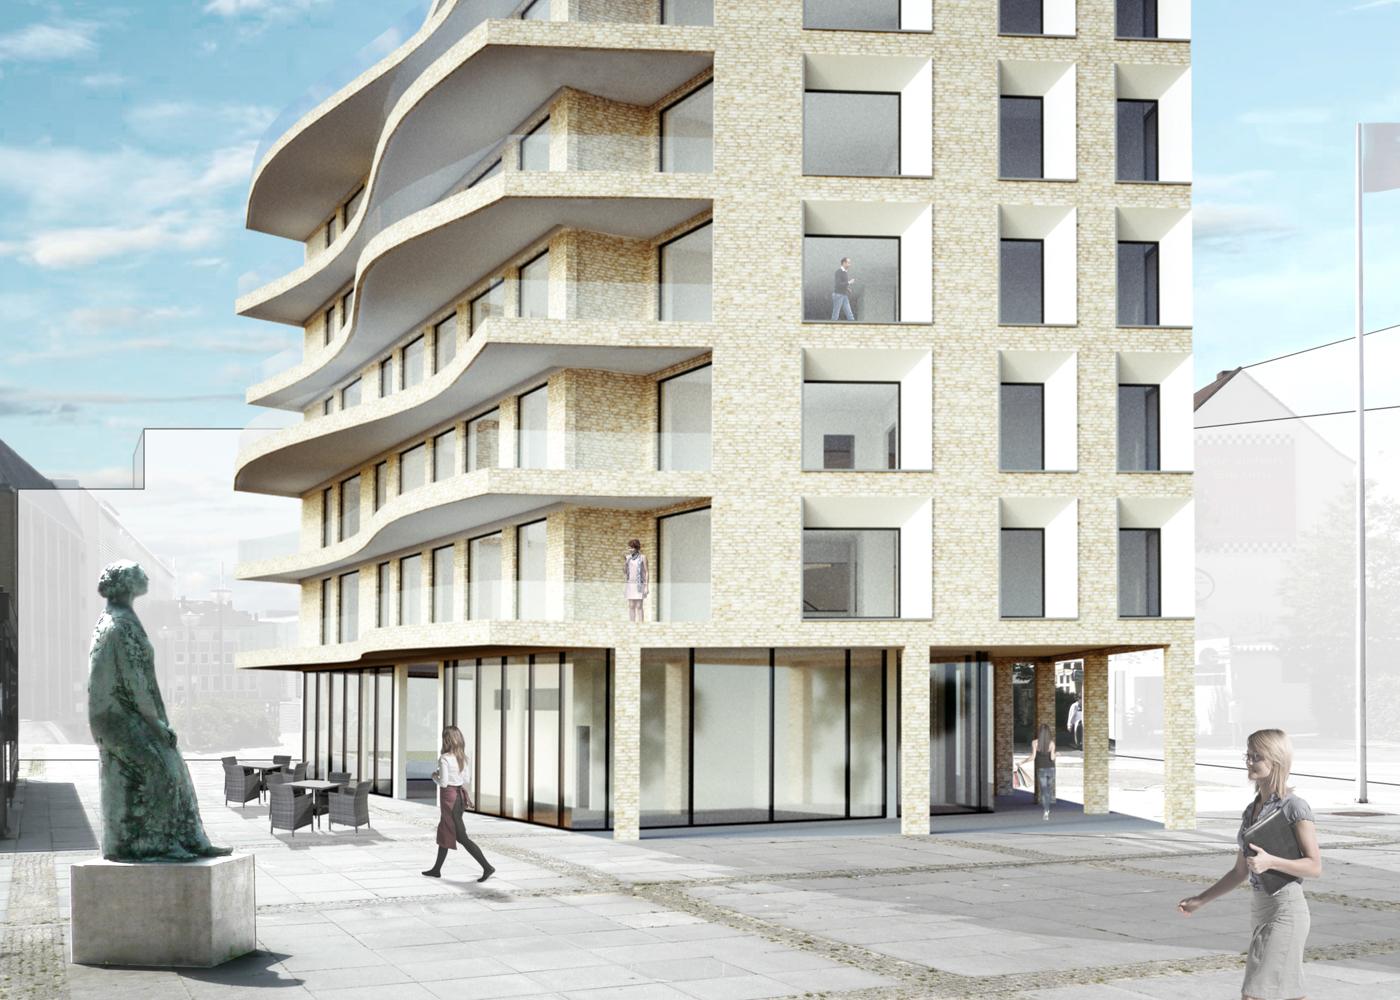 Wettbewerb Visualisierung Schlossquatier Haus 5 NGEG